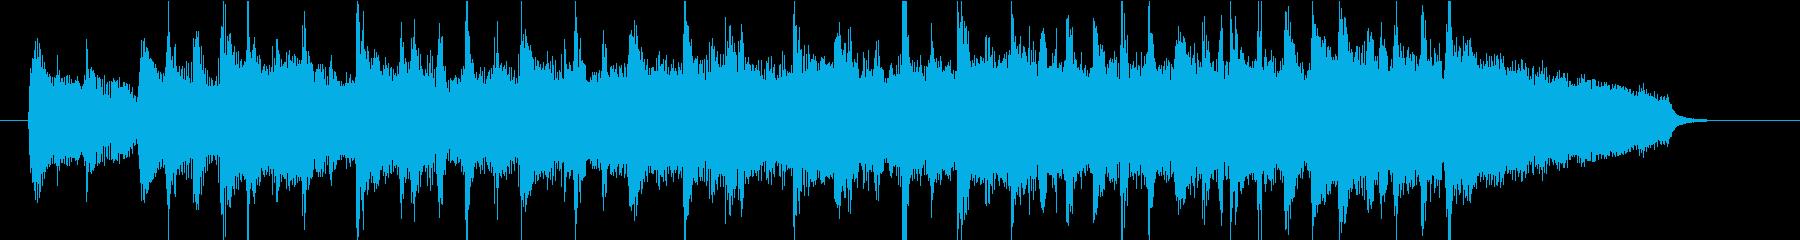 ワールド 民族 ブルース カントリ...の再生済みの波形